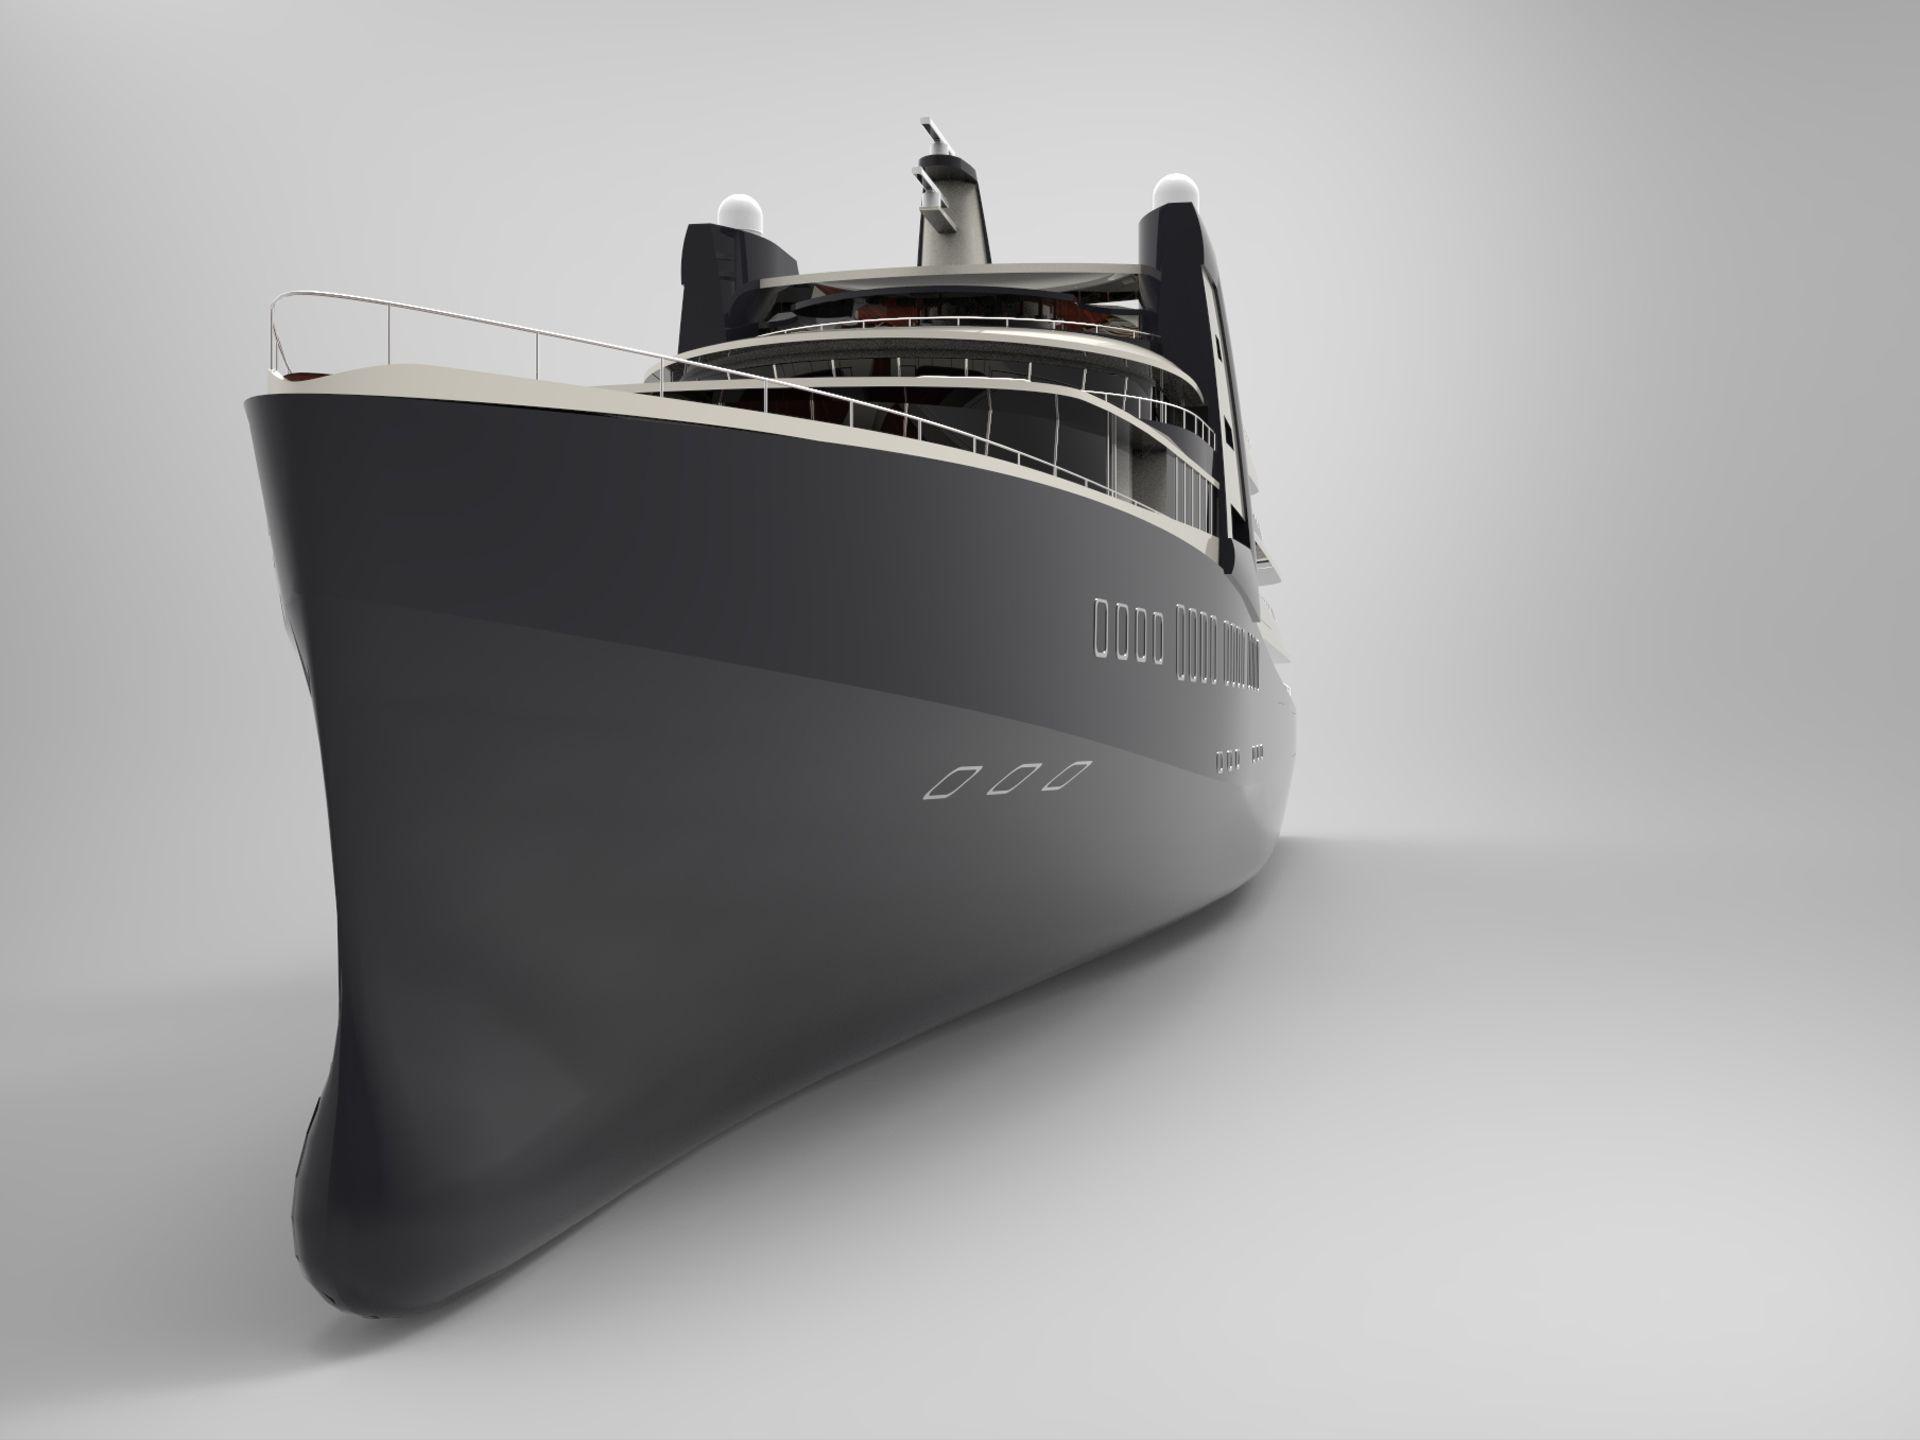 120m EXPLORER naval architecture by Laurent Giles Ltd